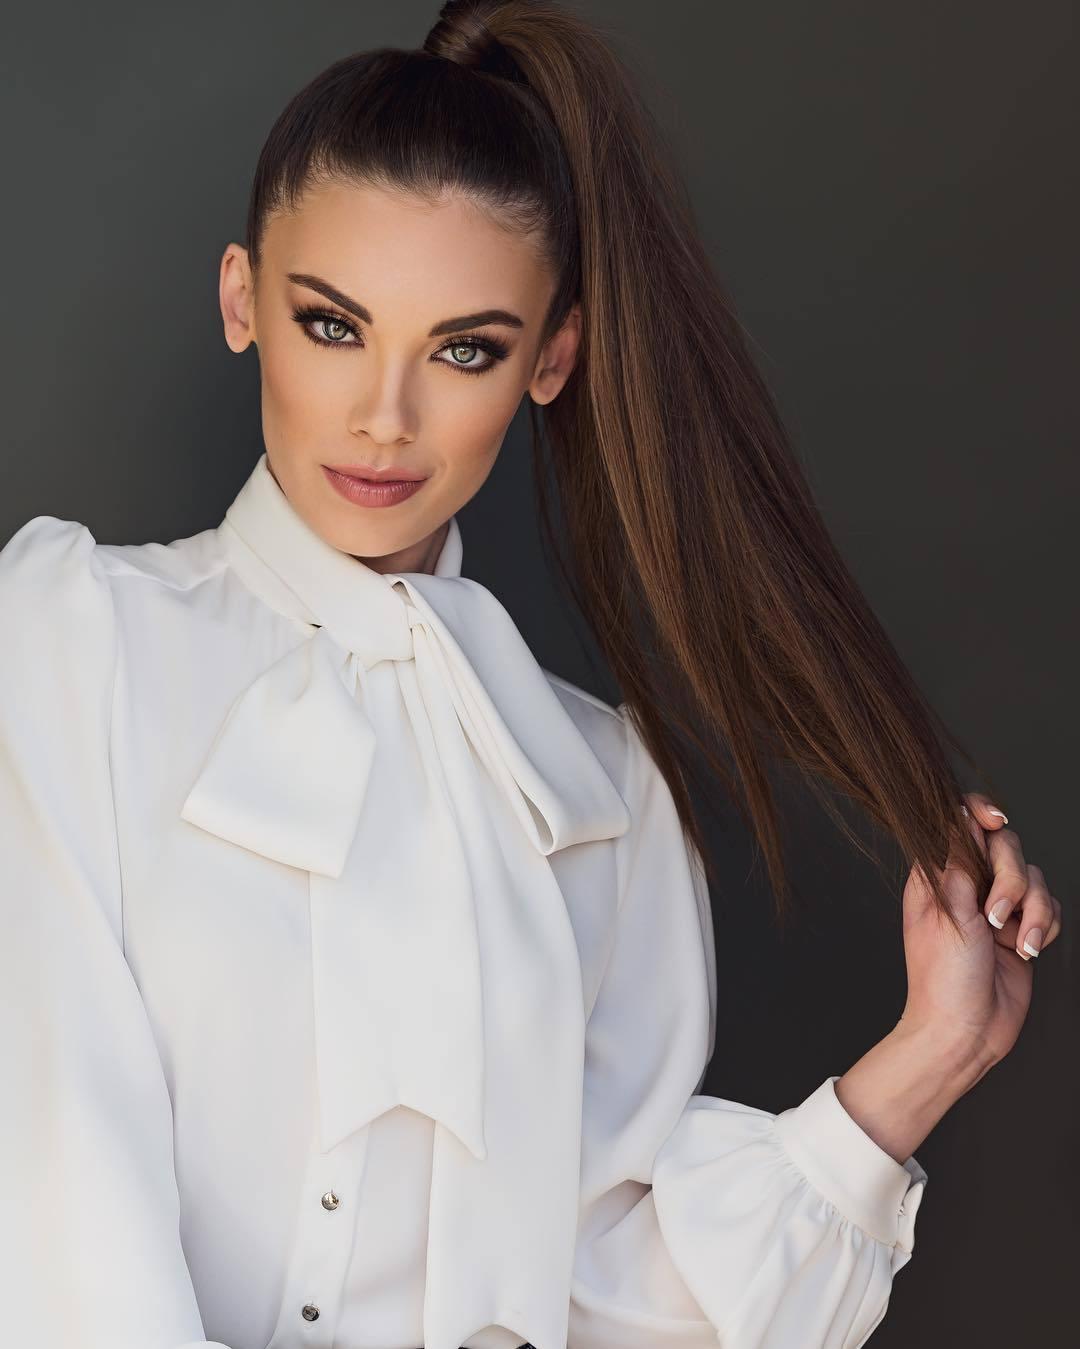 alyssa klinzing, miss kansas 2019. - Página 16 57325340_2157336077683981_9132712985849689431_n